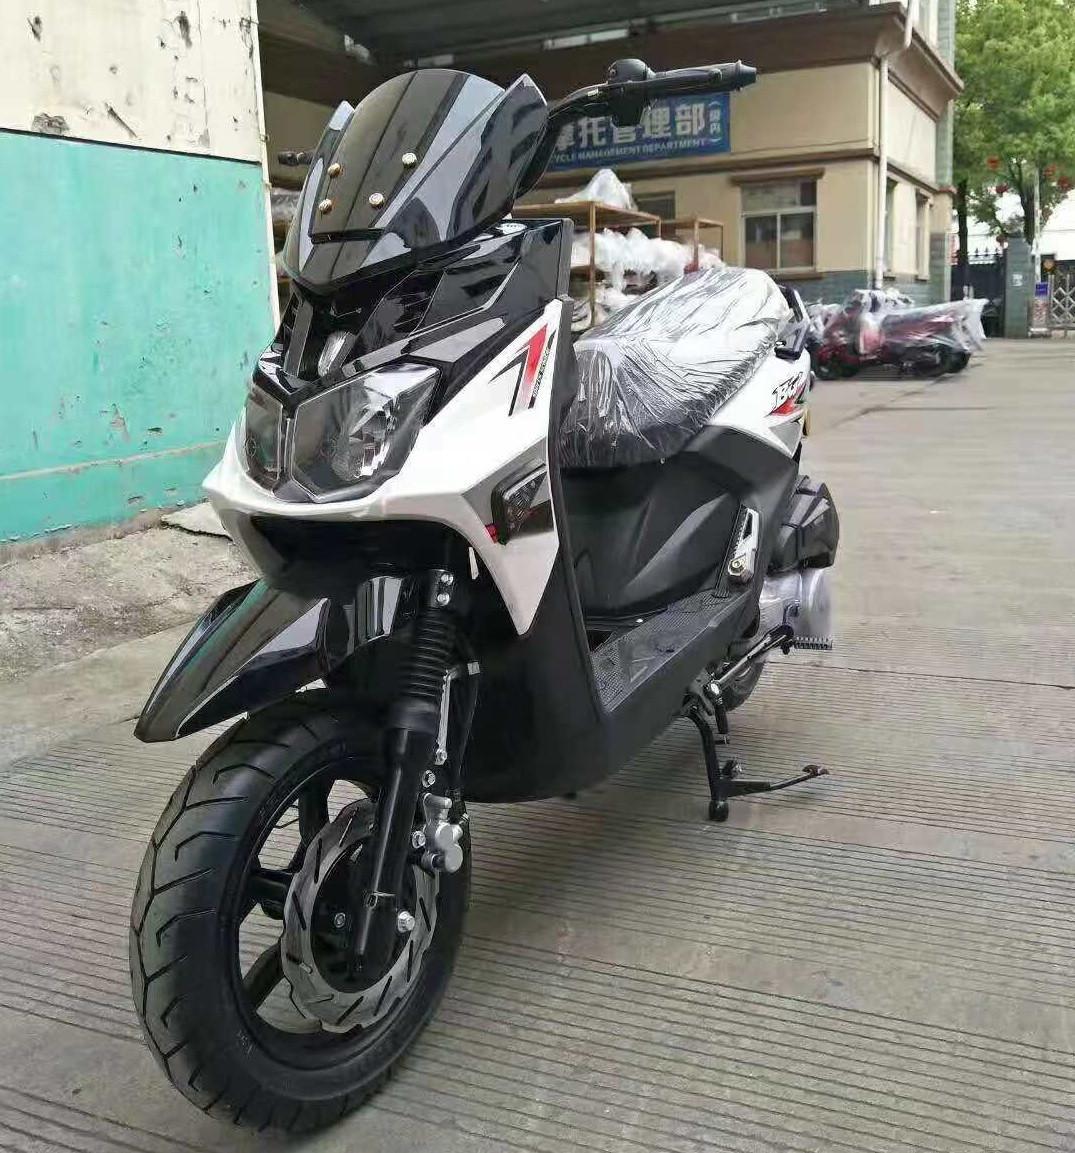 Мотороллер Spark SP150S-19, 150 см³